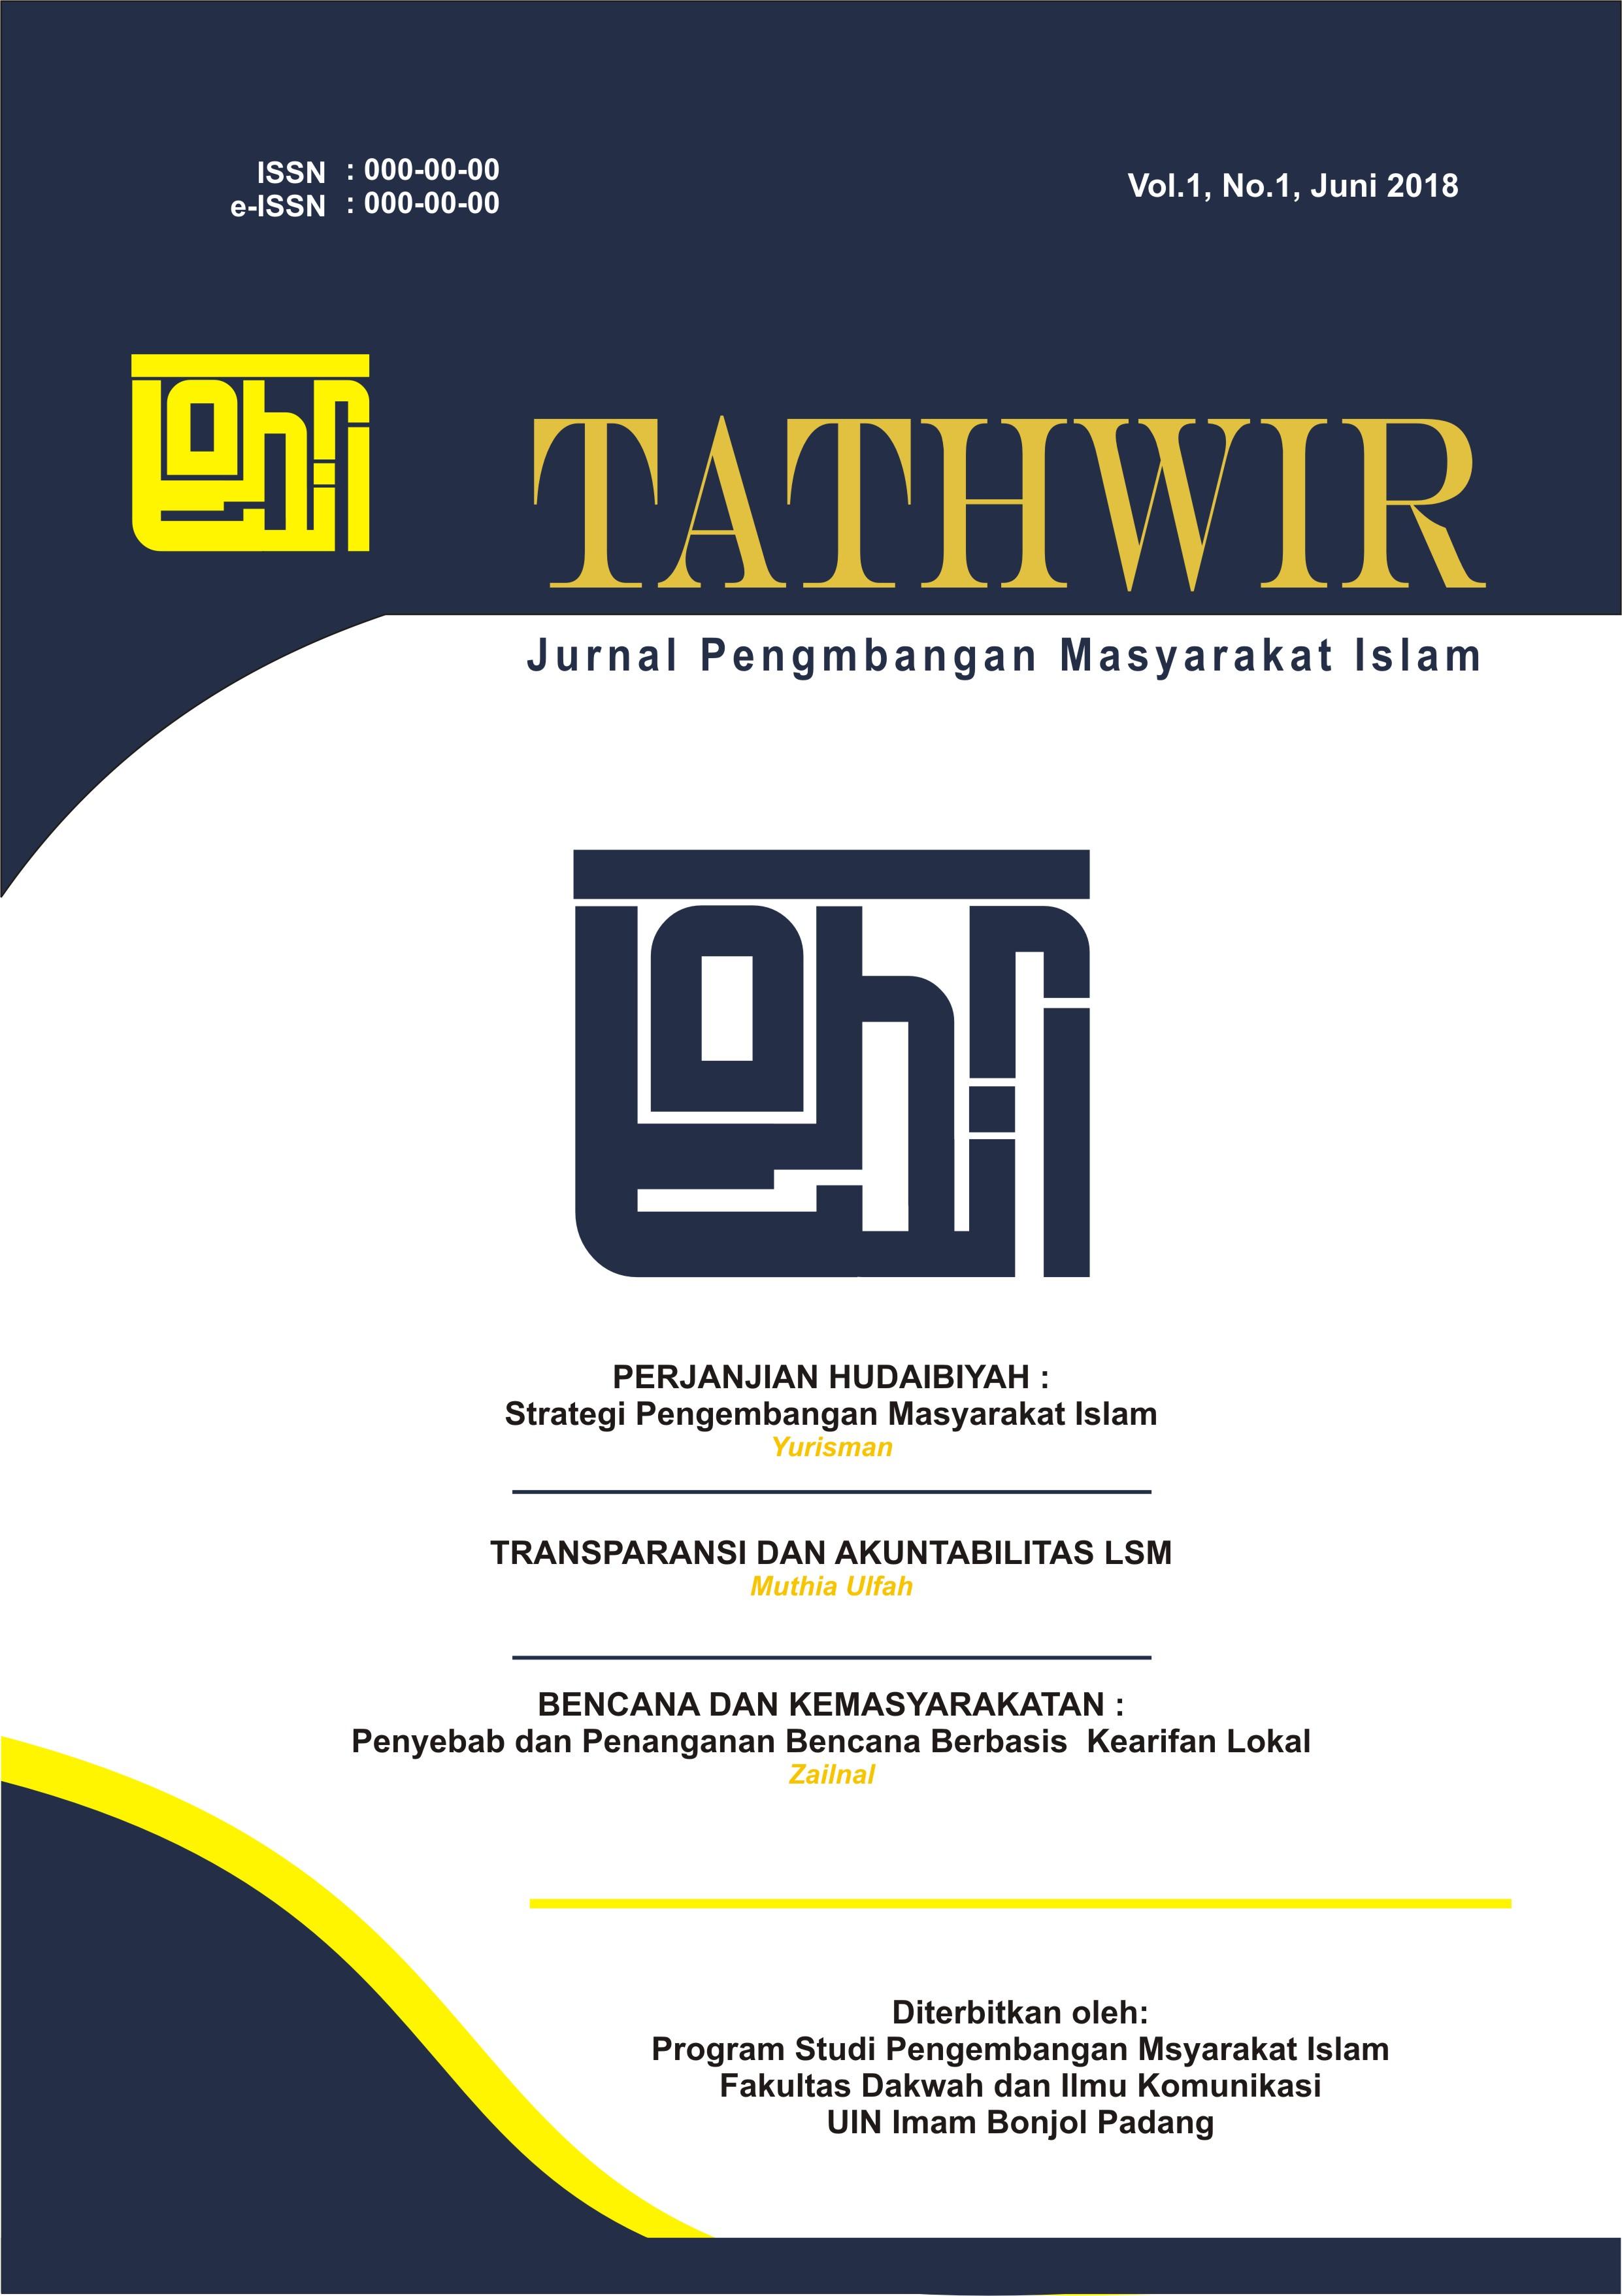 Fakultas Dakwah Dan Ilmu Komunikasi Uin Imam Bonjol Padang